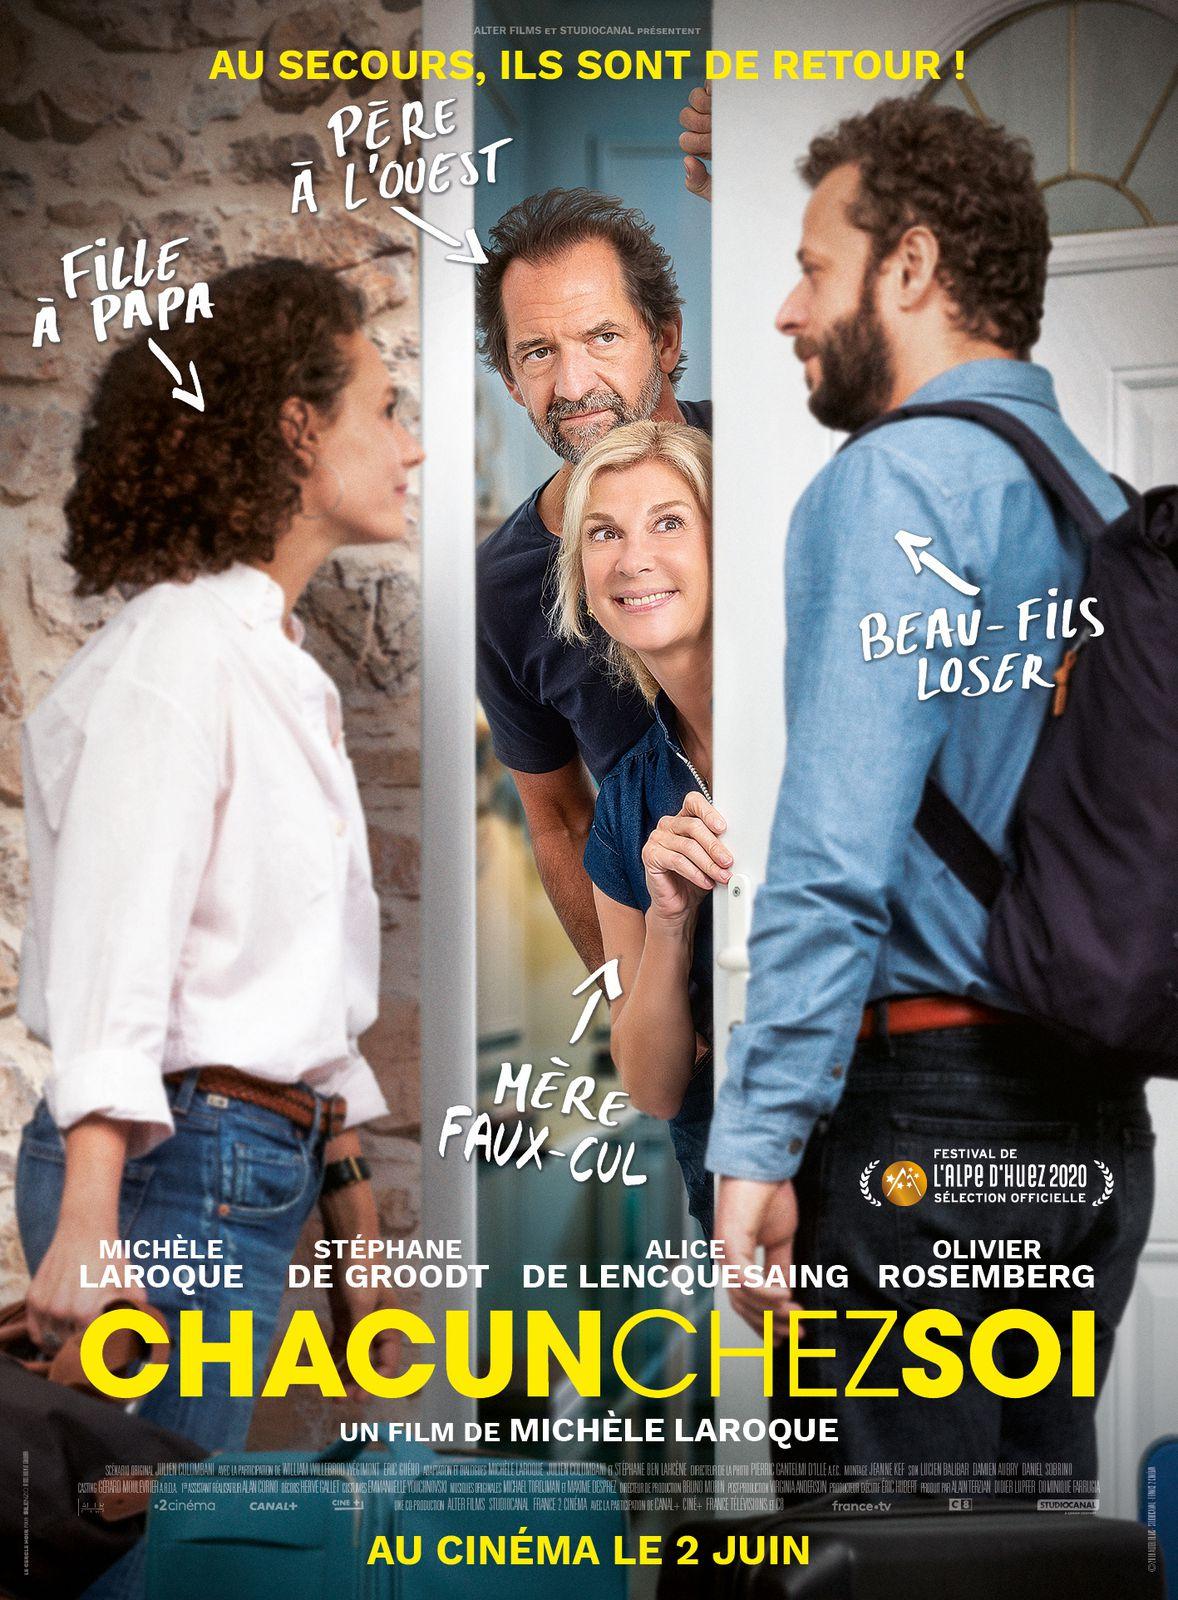 CHACUN CHEZ SOI, la comédie de Michèle Laroque, au Cinéma le 2 Juin 2021